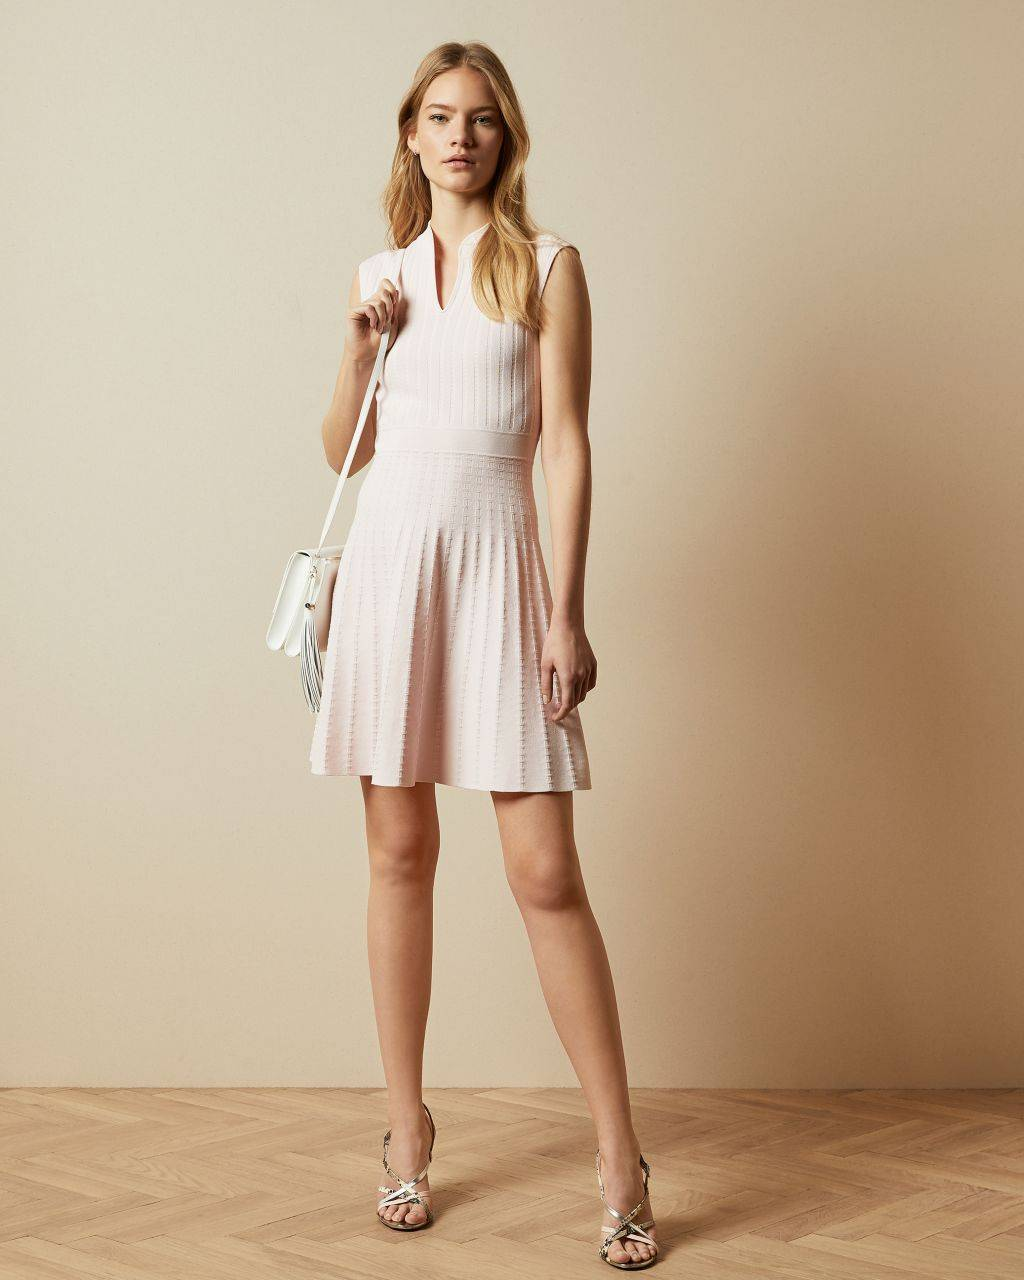 Ted Baker Stitch Detail Skater Dress  - Pink - Size:  4 (UK 14)